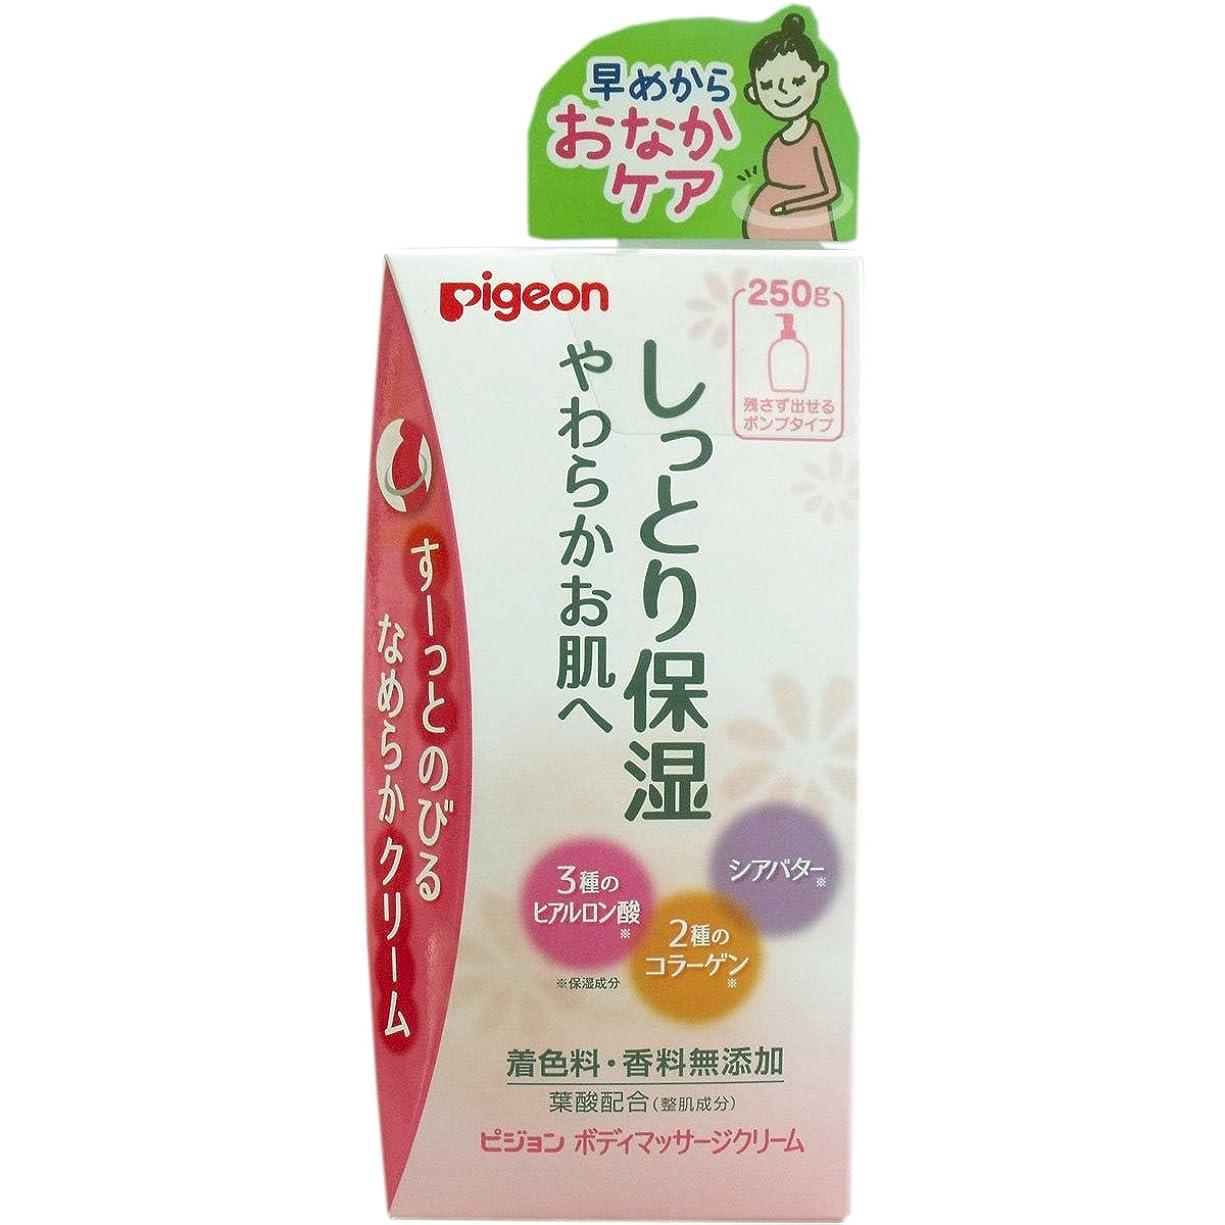 香り魔法シルエットピジョン ボディマッサージクリーム 250g ×6個セット